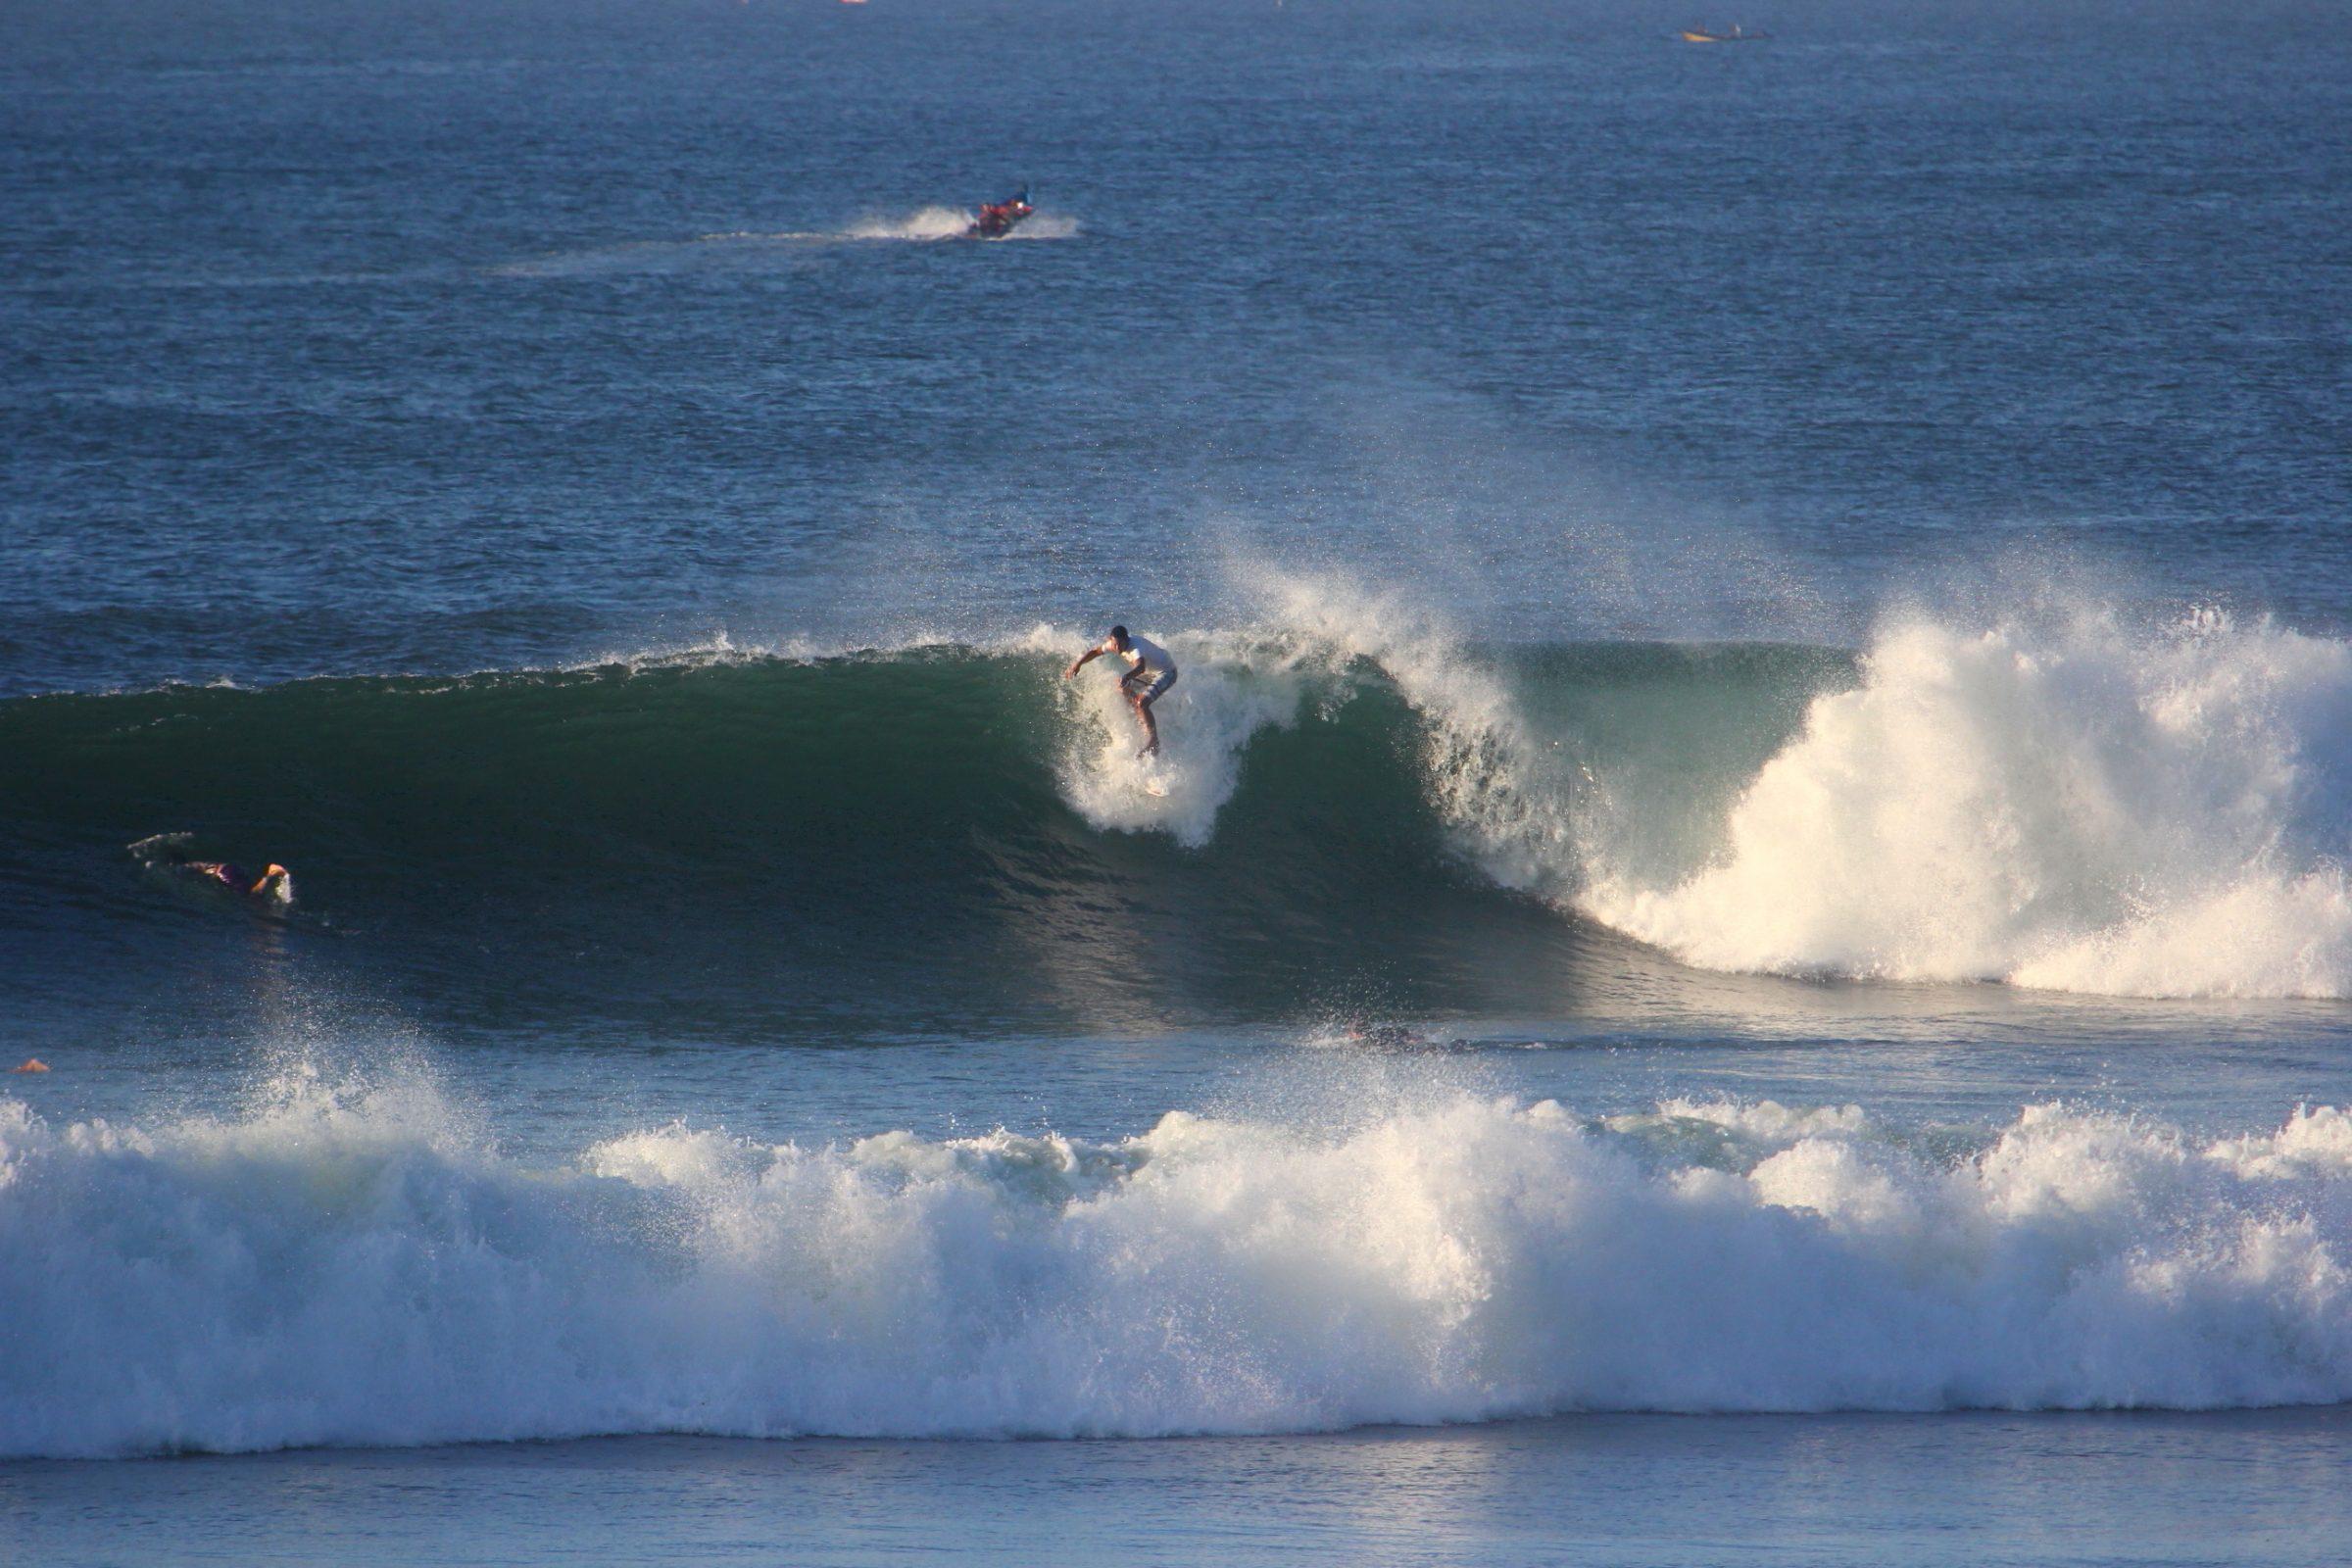 Waves at Las Flores in El Salvador